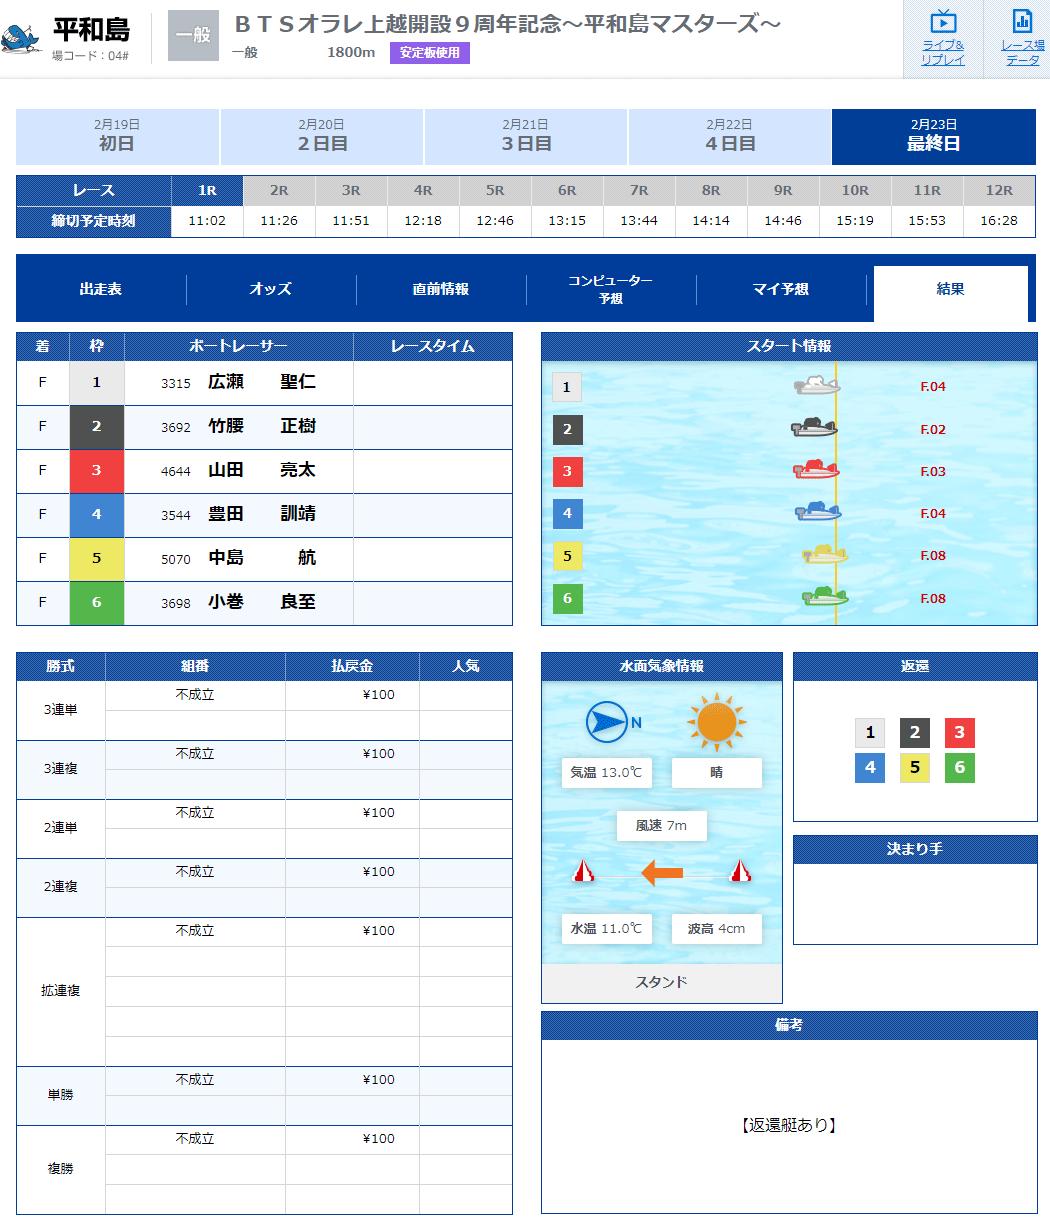 【ボートレース平和島】2021年2月23日 最終日1Rで全艇フライングが発生!全返還に 非常識なフライングも。フライング・出遅れ・競艇選手・ボートレース場